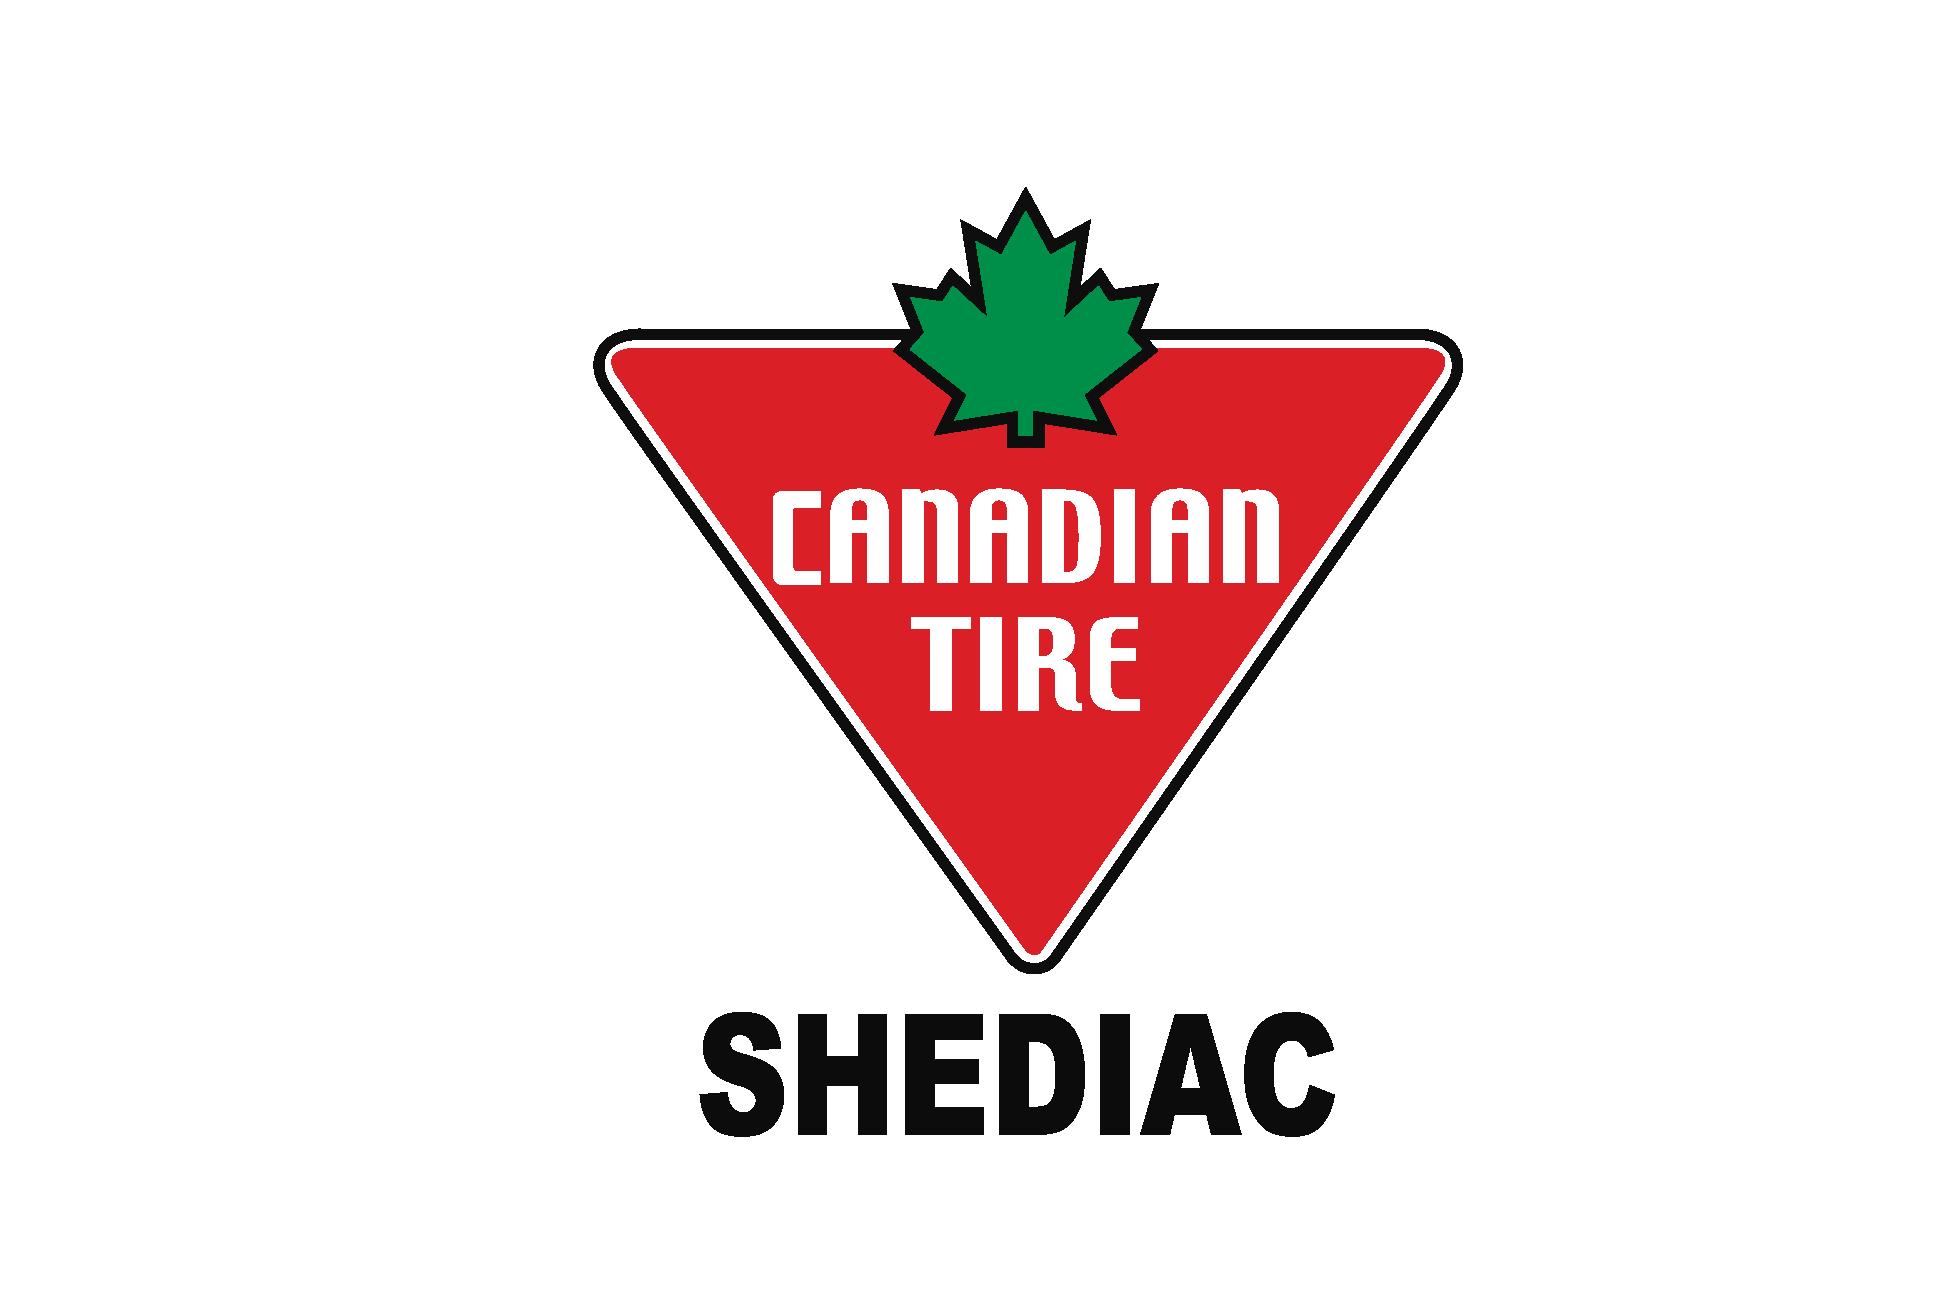 Canadian Tire Shediac